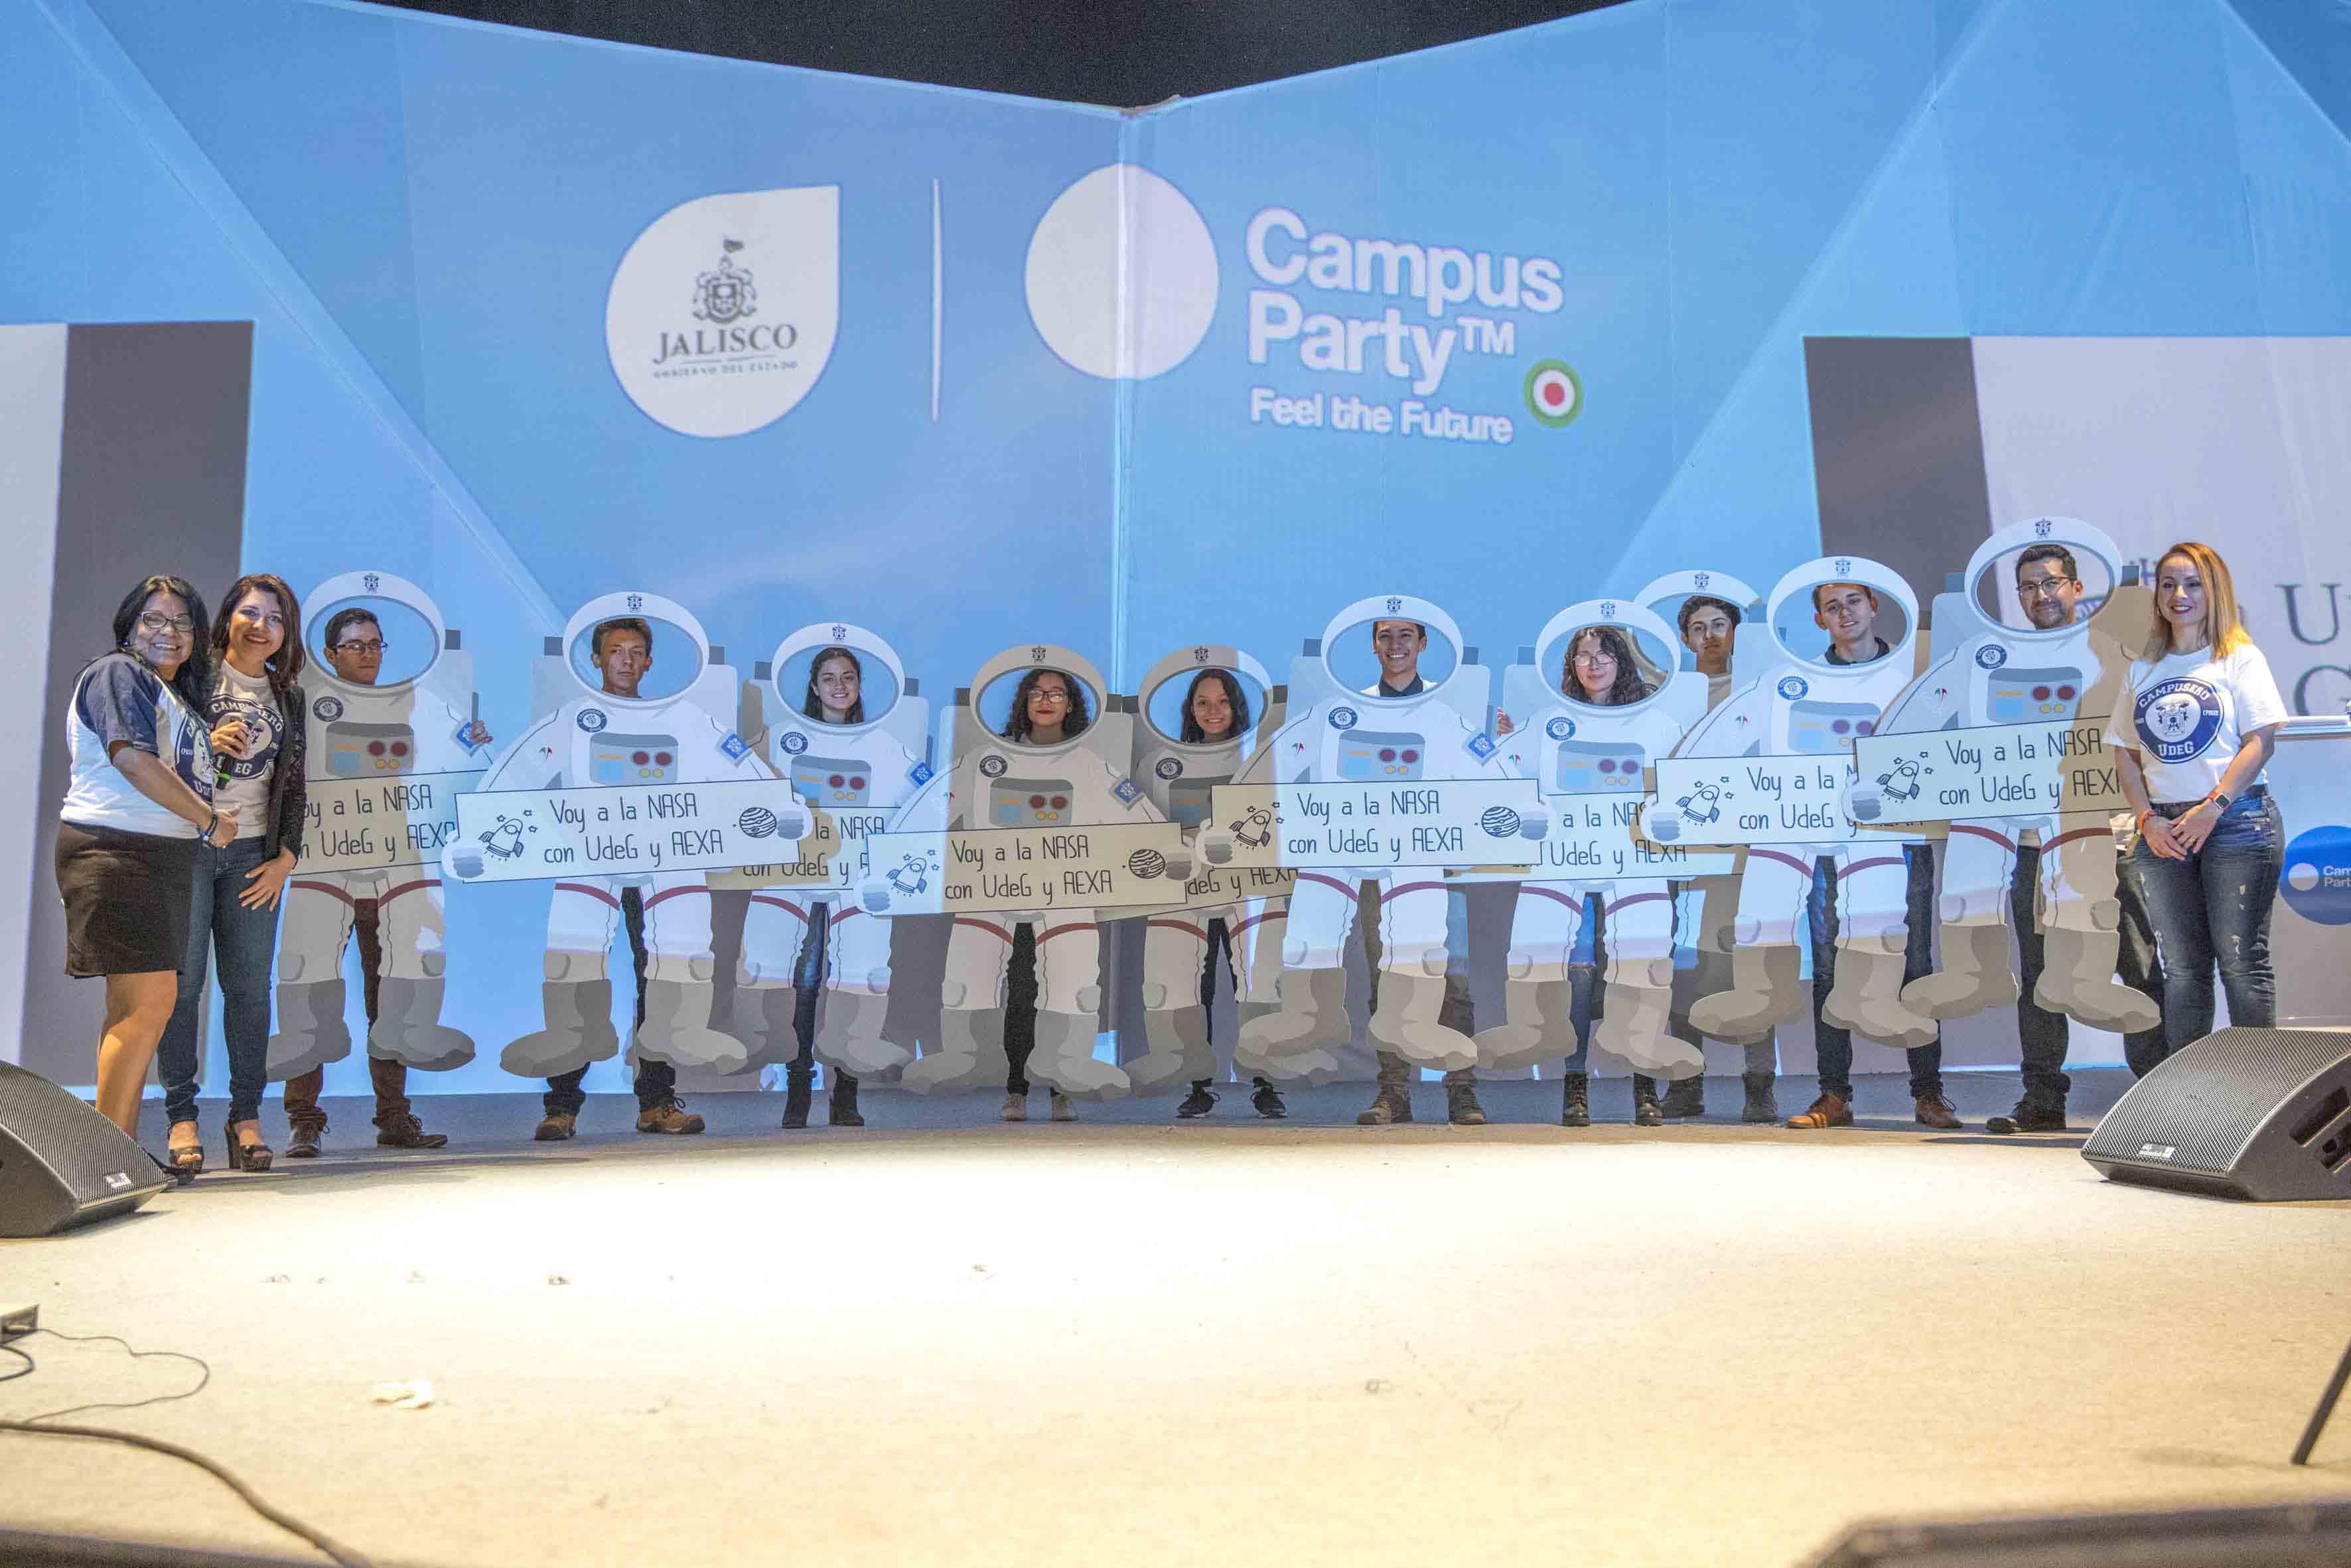 Ceremonia de reconocimiento para estudiantes ganadores de ambos retos, en el marco del Campus Party 2017.